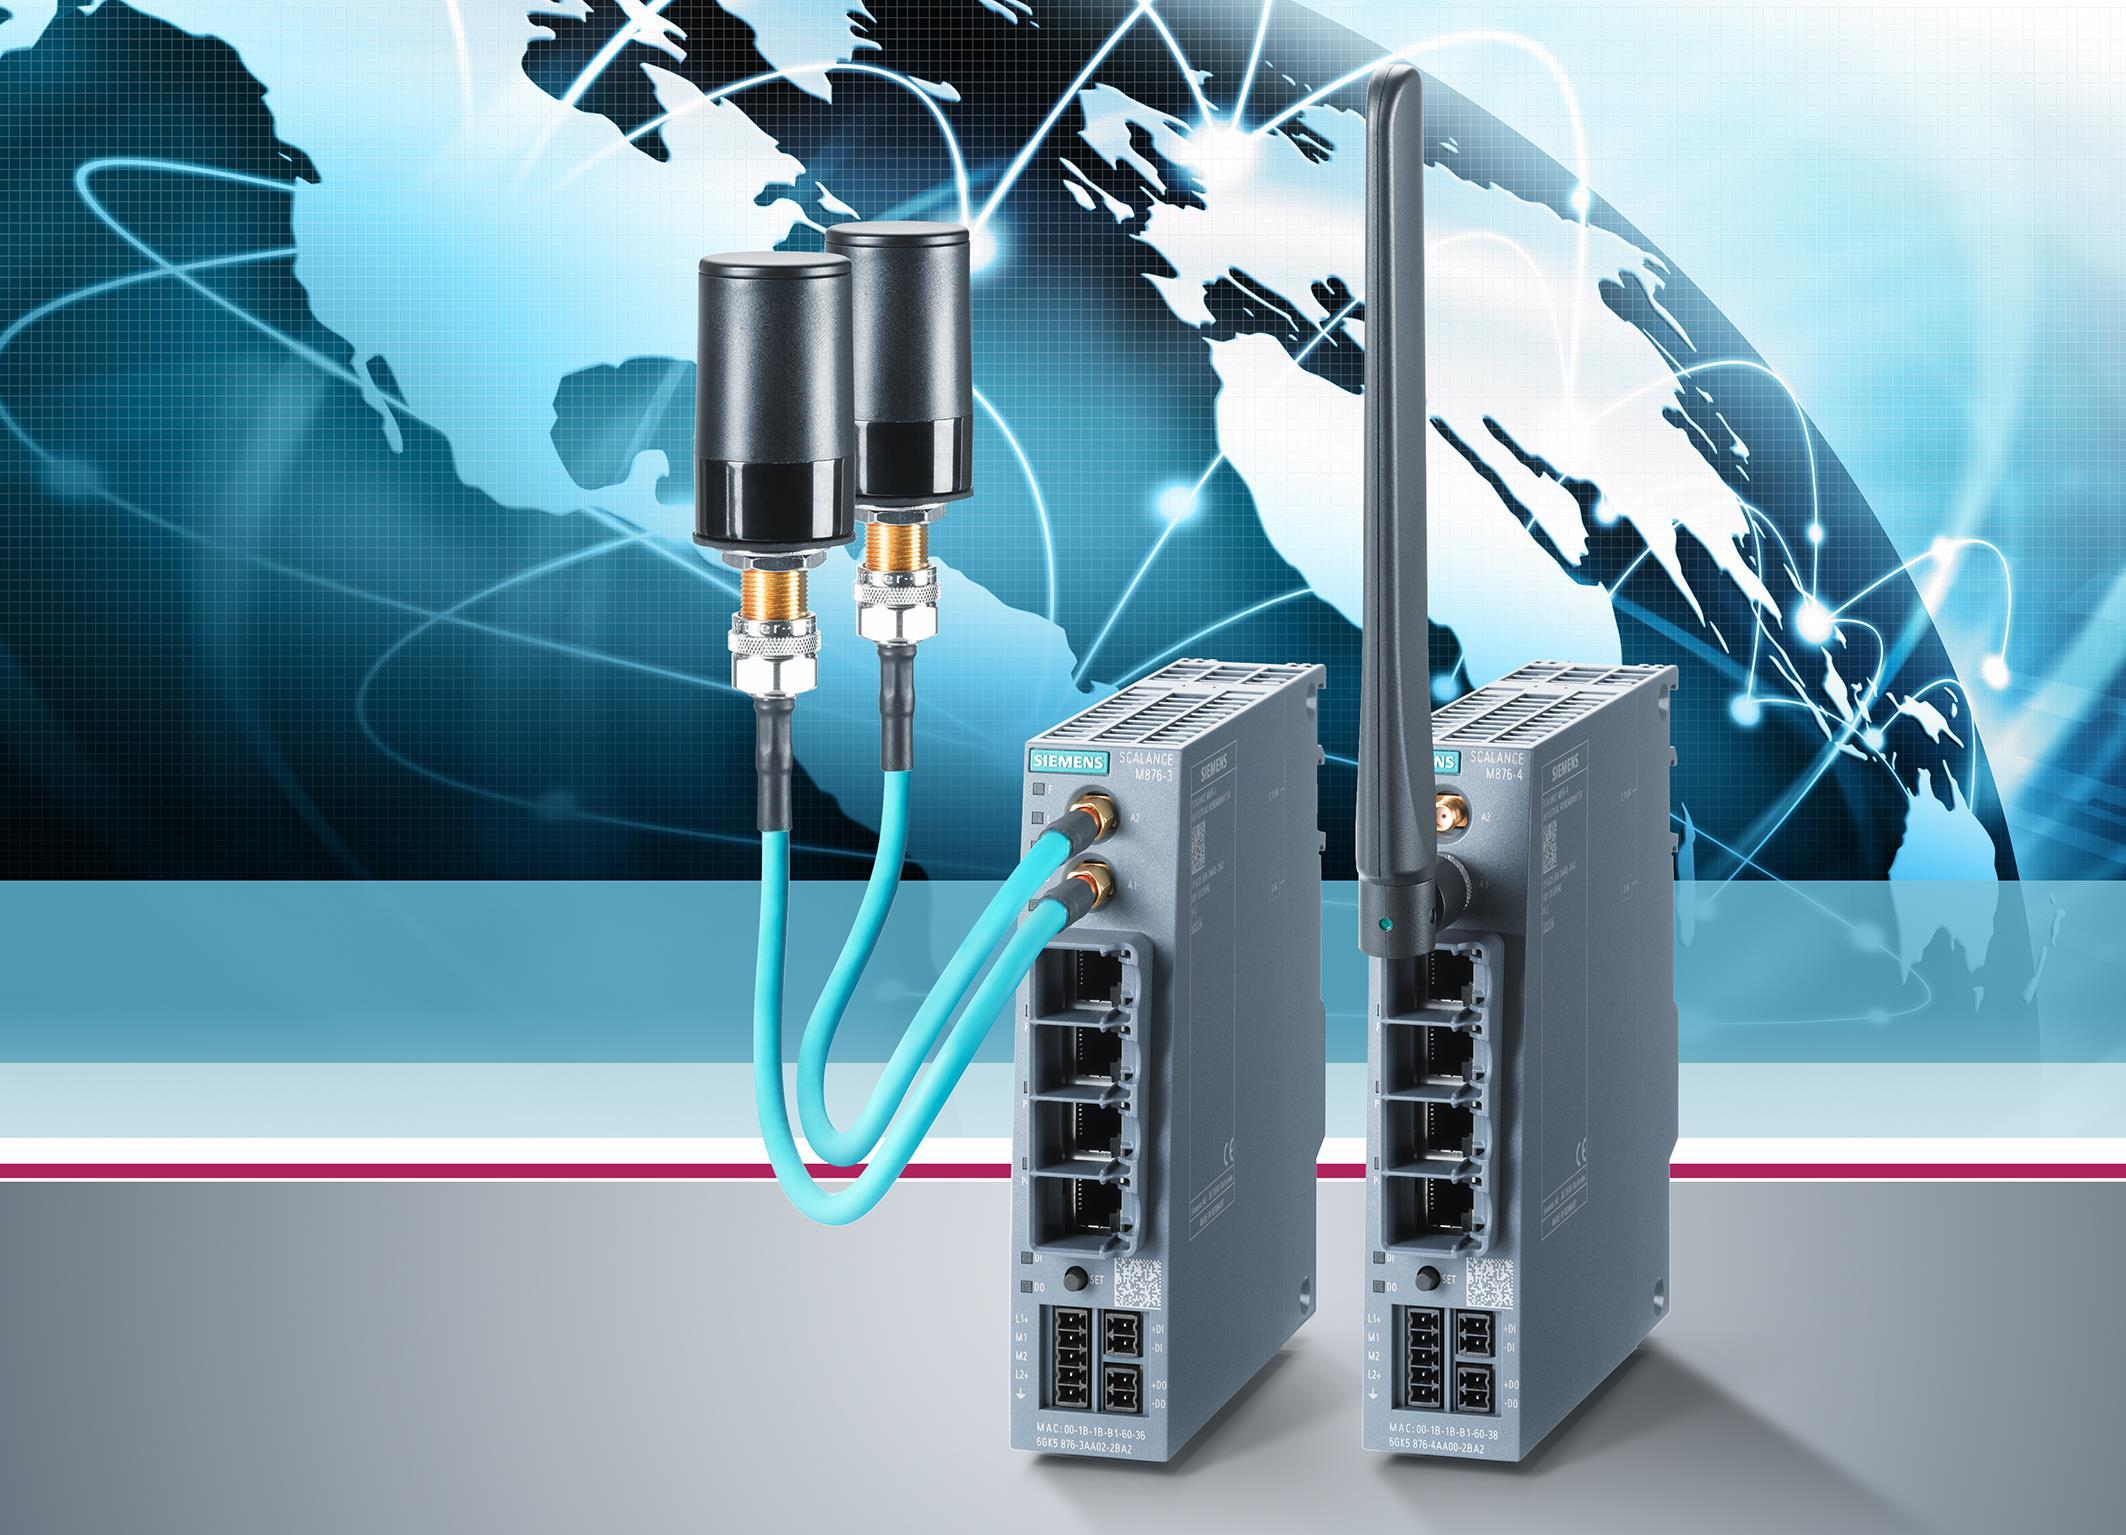 2018-2022年全球工业通信电缆年复合增率超12%